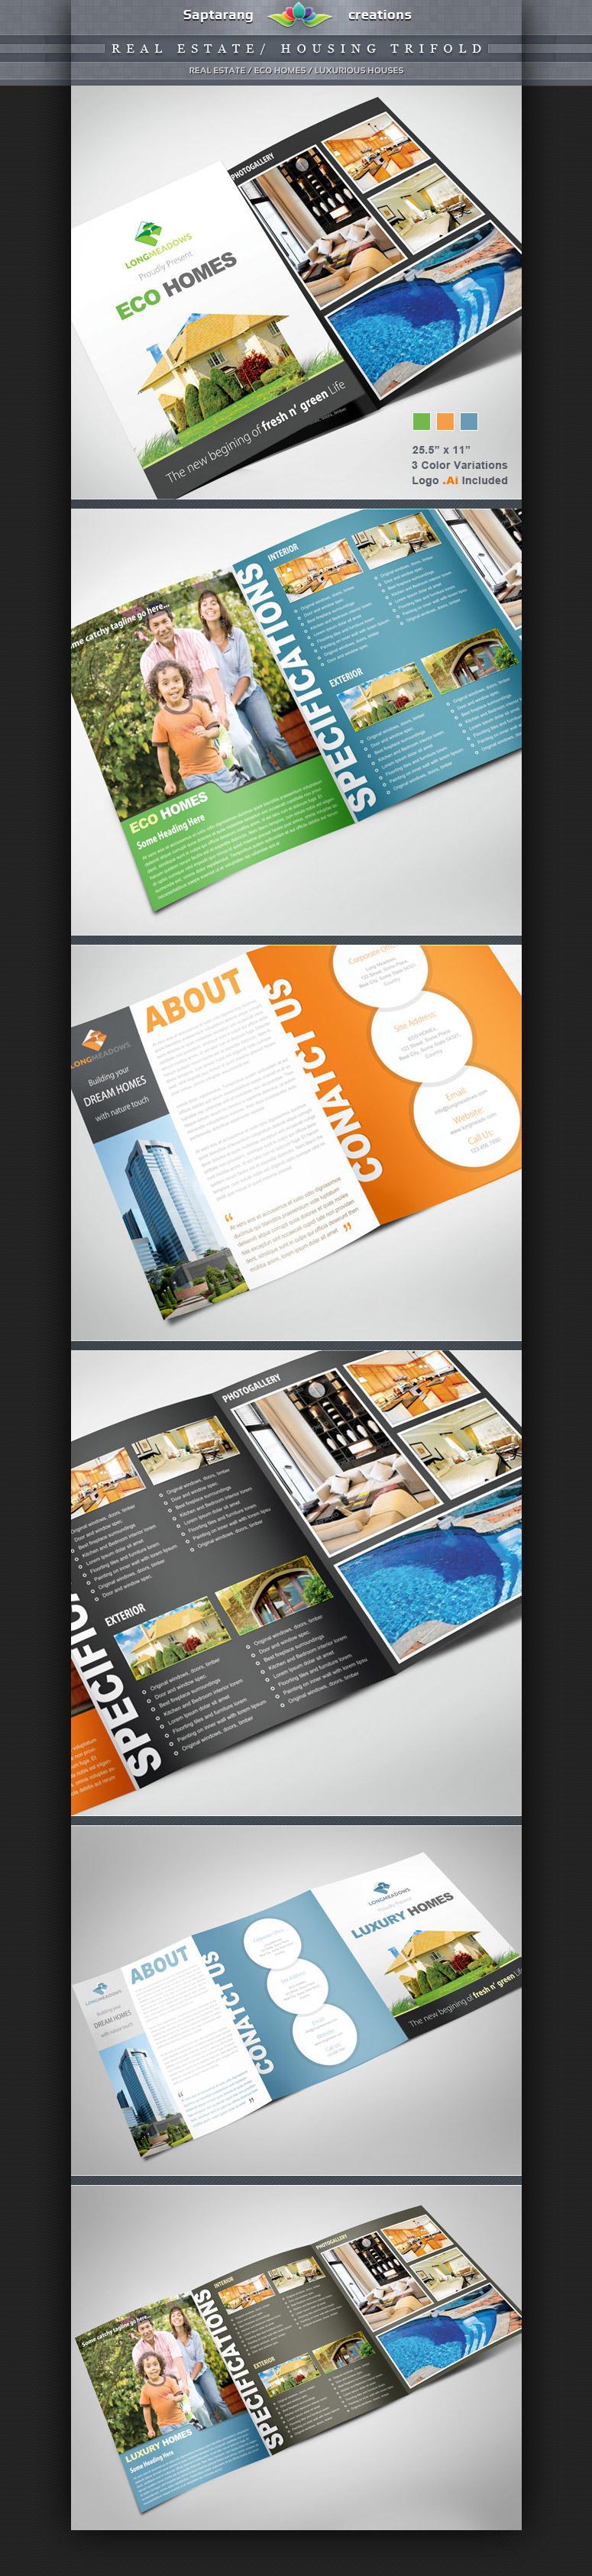 Real Estate / Housing Trifold by Saptarang